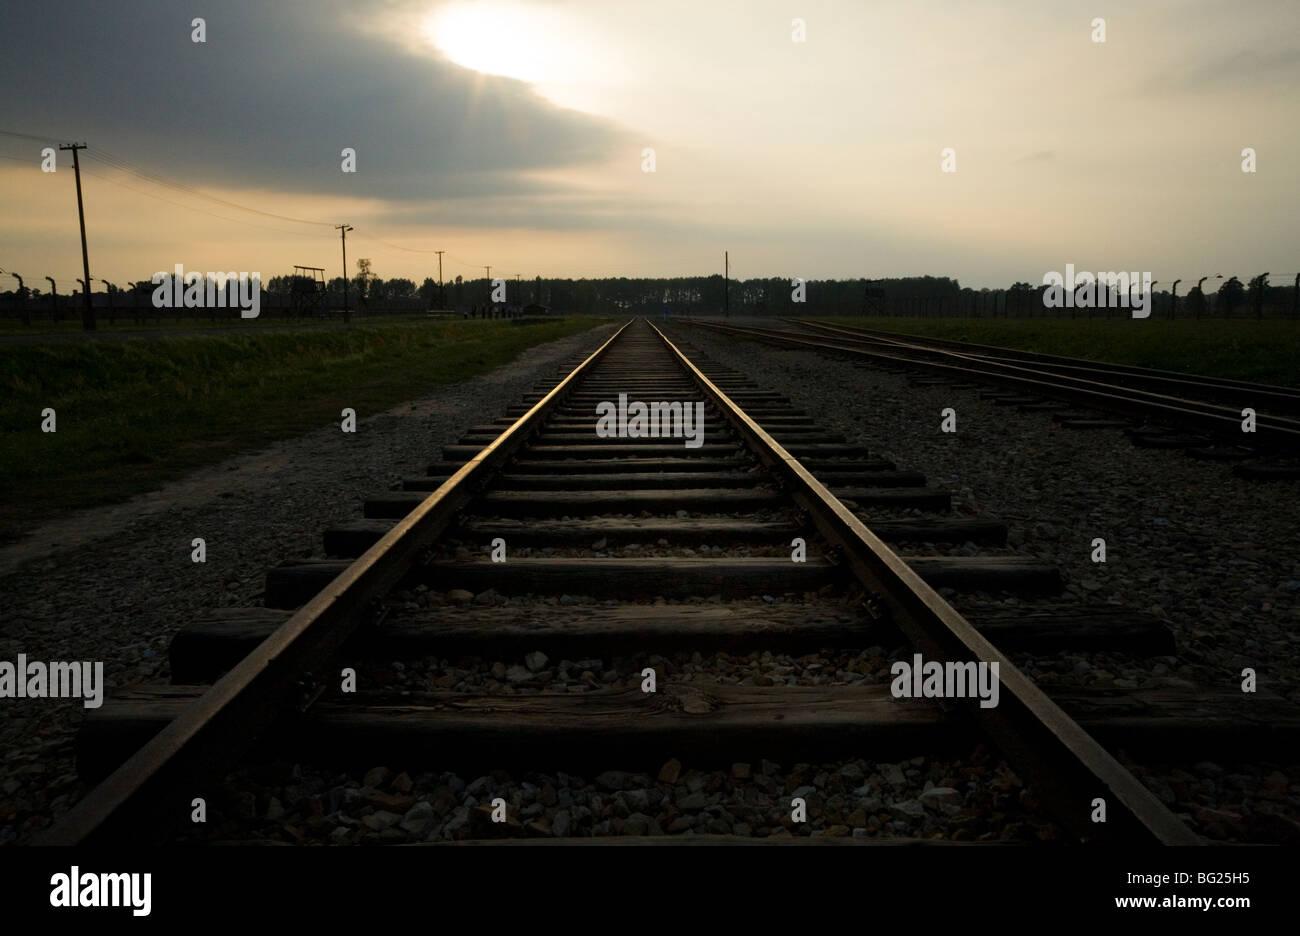 Railway lines at dusk inside Birkenau (Auschwitz II - Birkenau) Nazi concentration camp in Oswiecim, Poland. - Stock Image